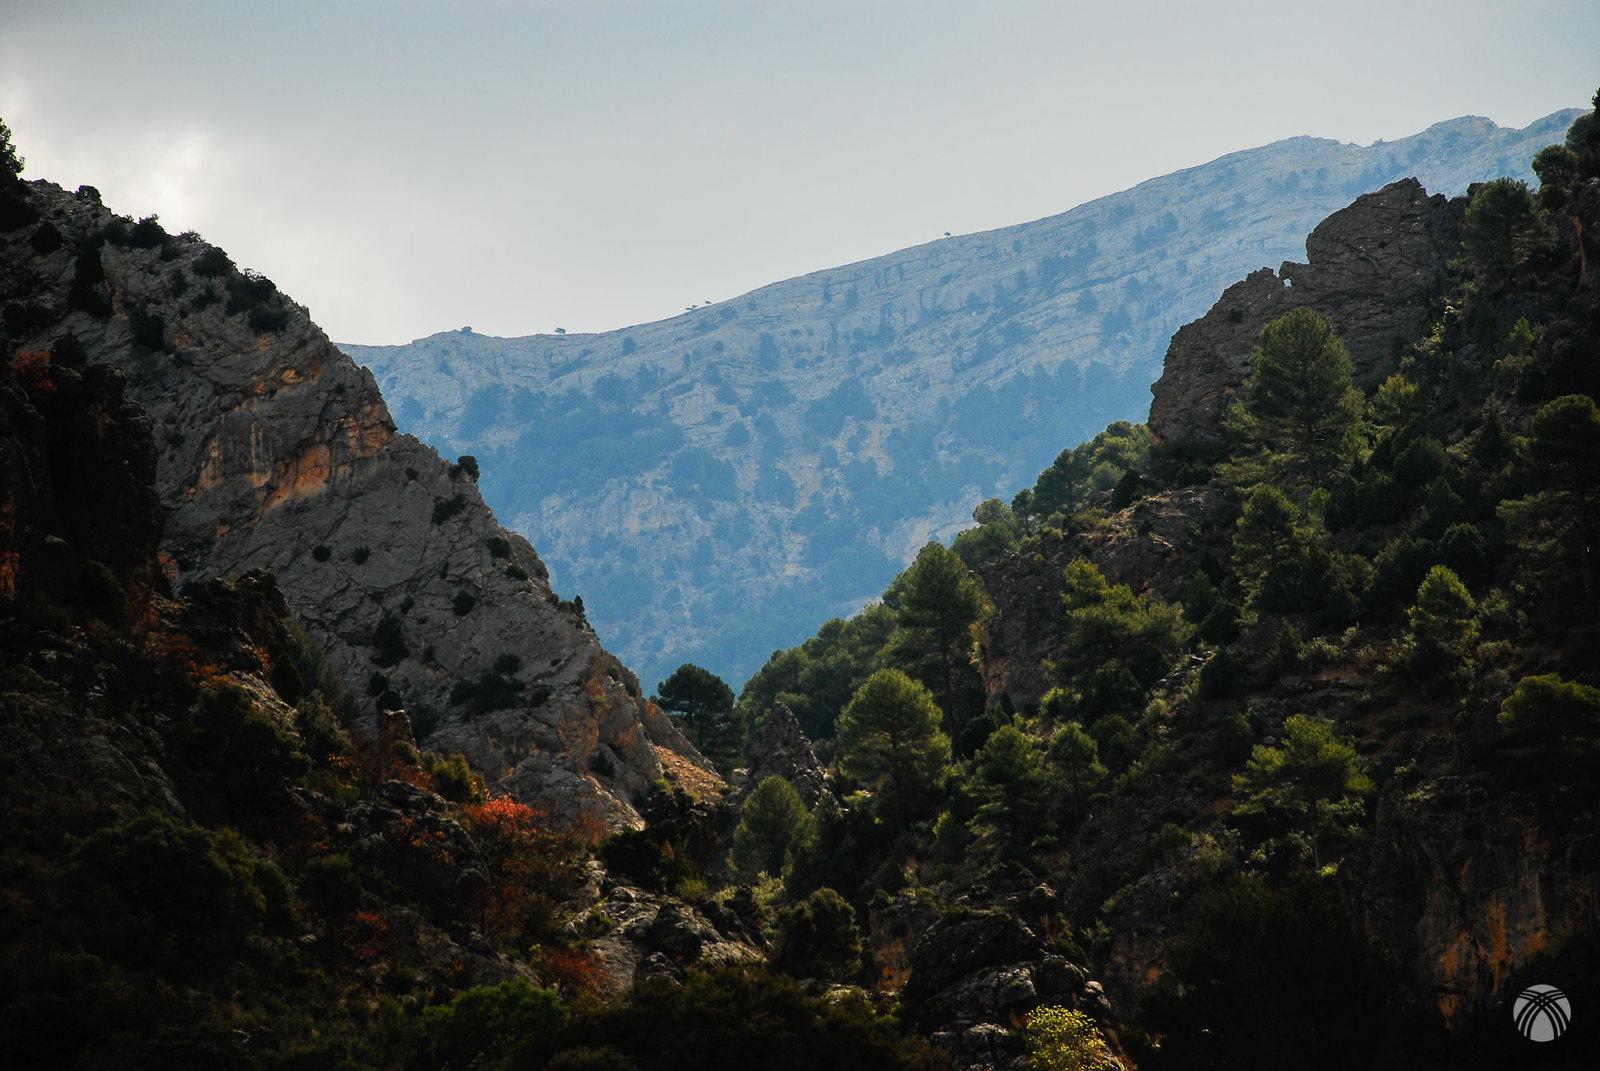 Sierra Seca enfrente